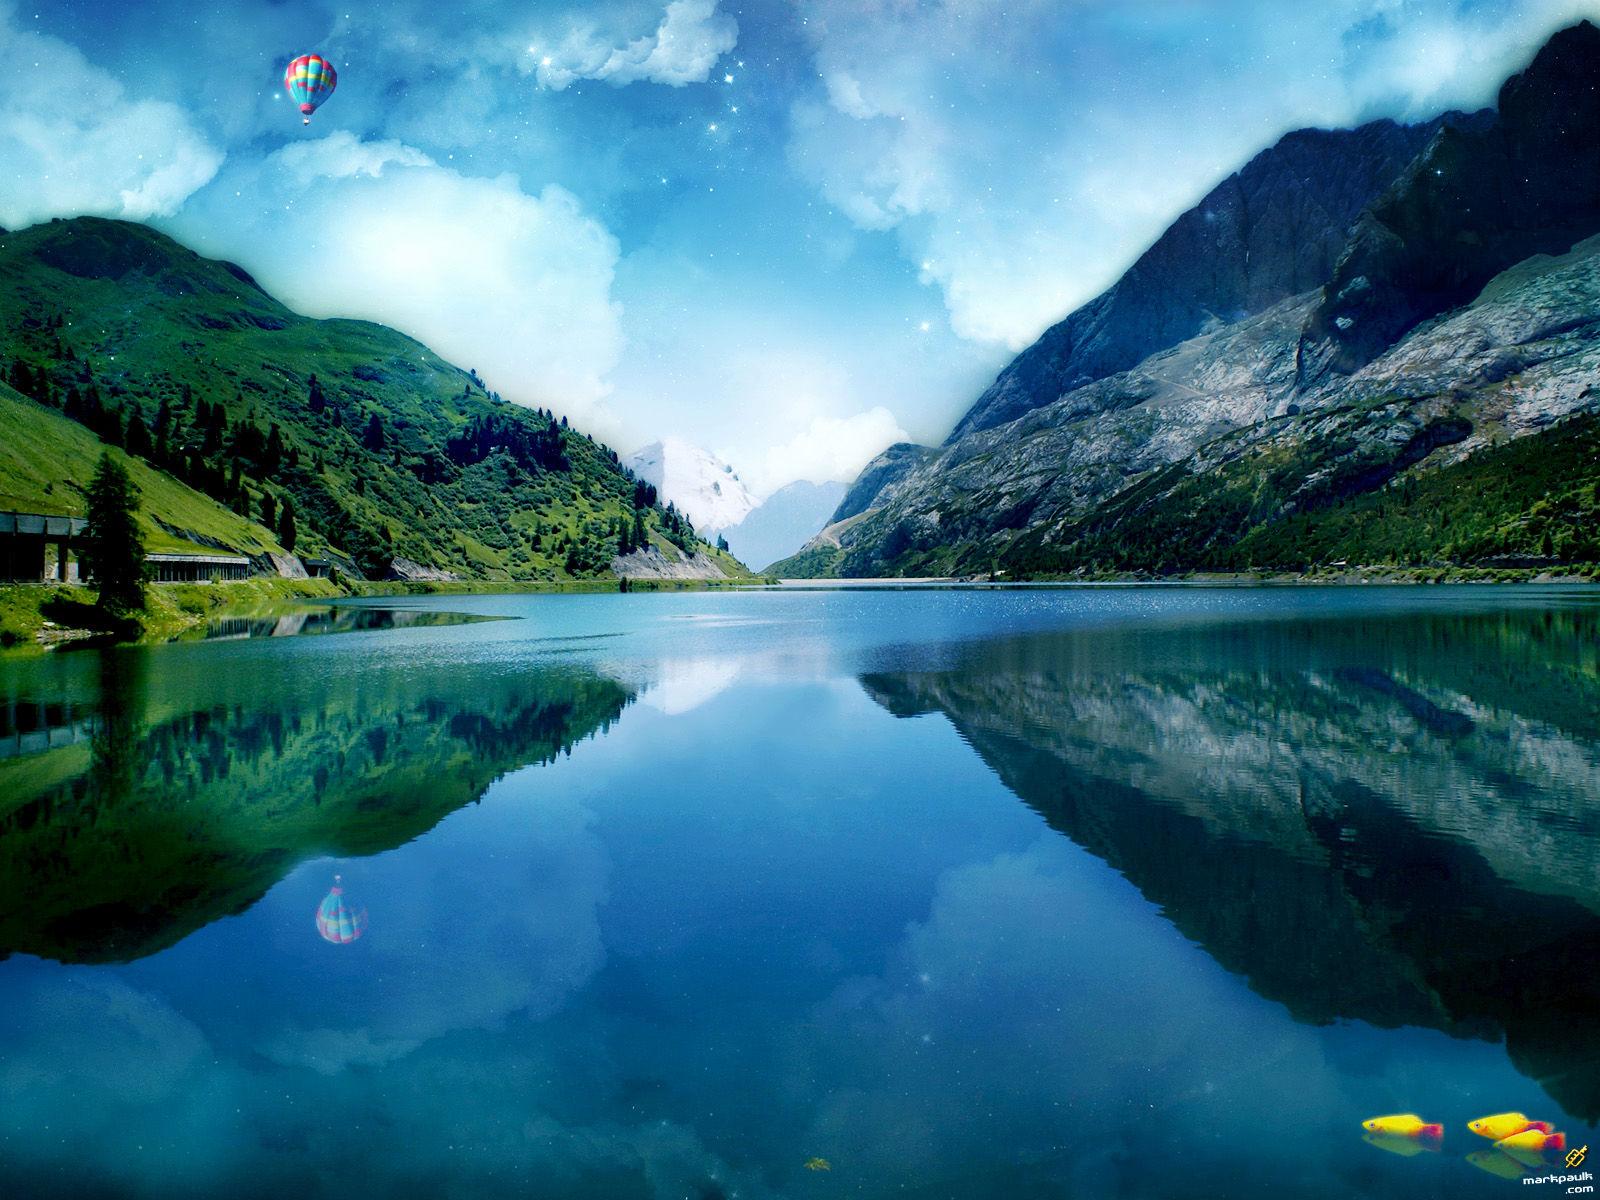 壁纸 风景 山水 摄影 桌面 1600_1200图片